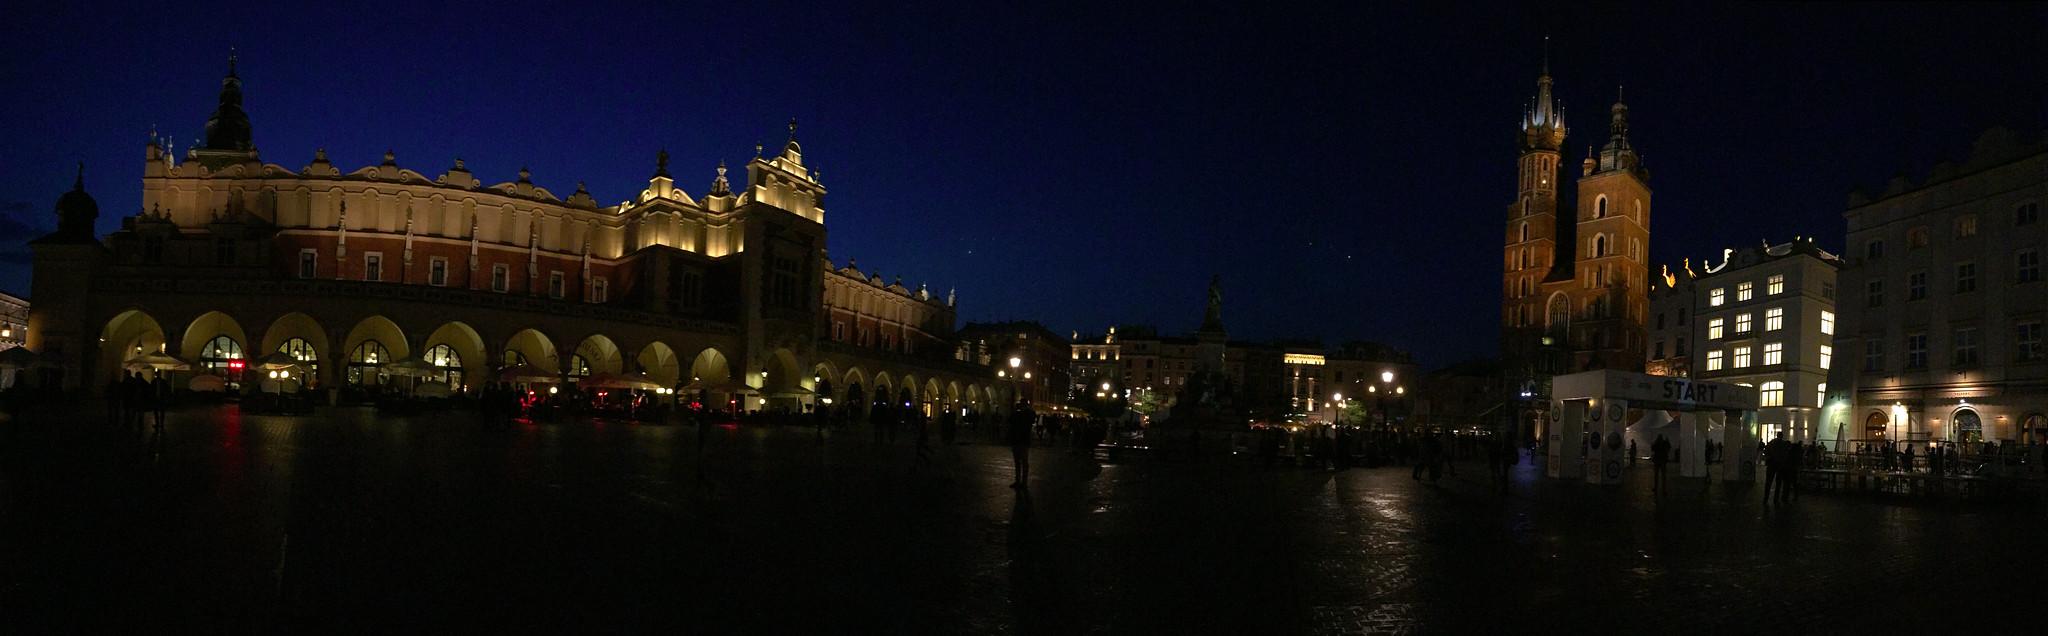 Qué ver en Cracovia, Krakow, Polonia, Poland qué ver en cracovia - 40462662061 5ecee697ed k - Qué ver en Cracovia, Polonia